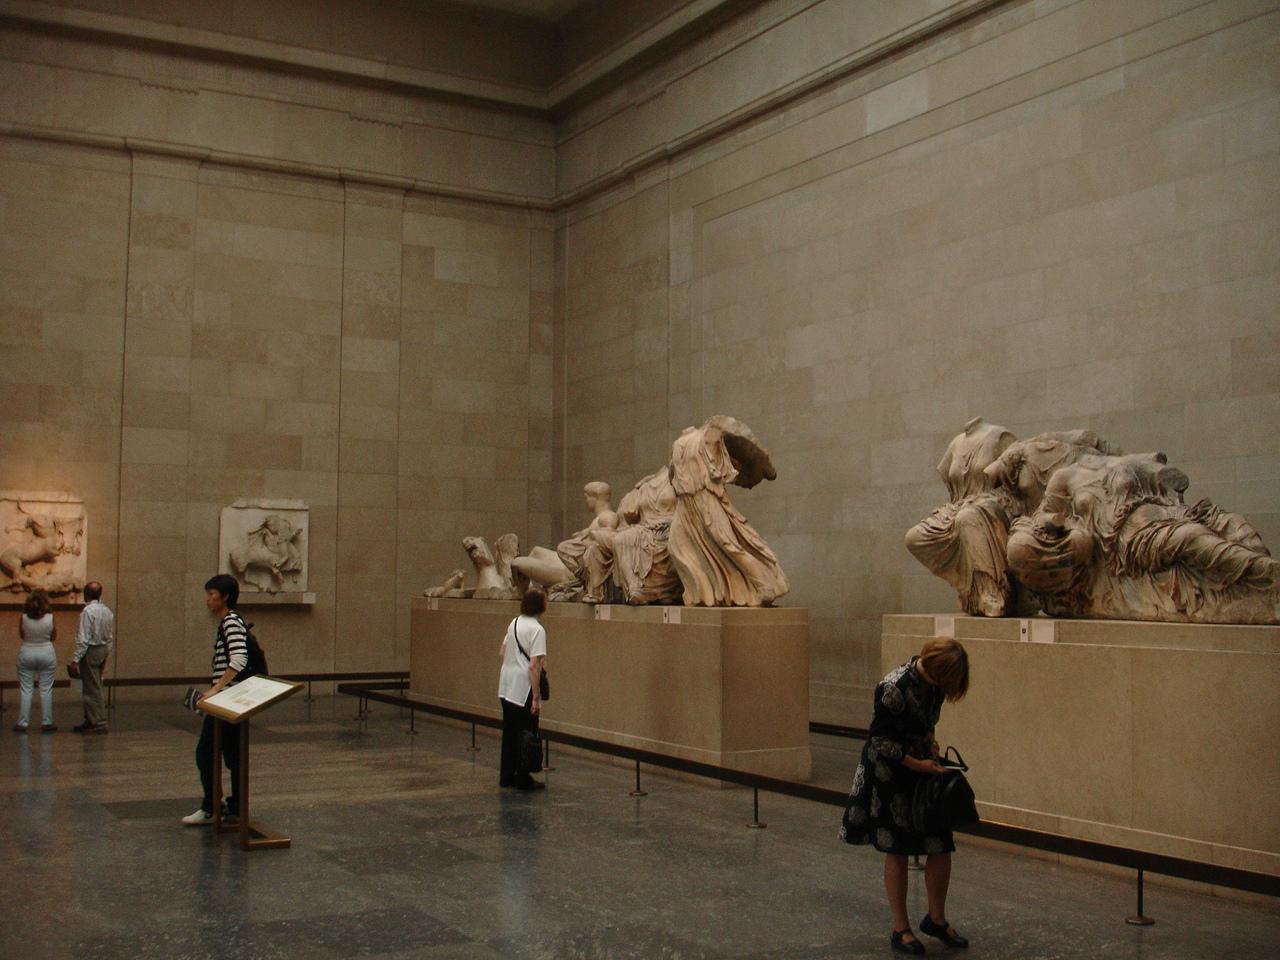 Og her ser dere på den borteste veggen metopene som en gang var på Parthenon, men som nå er i British museum.